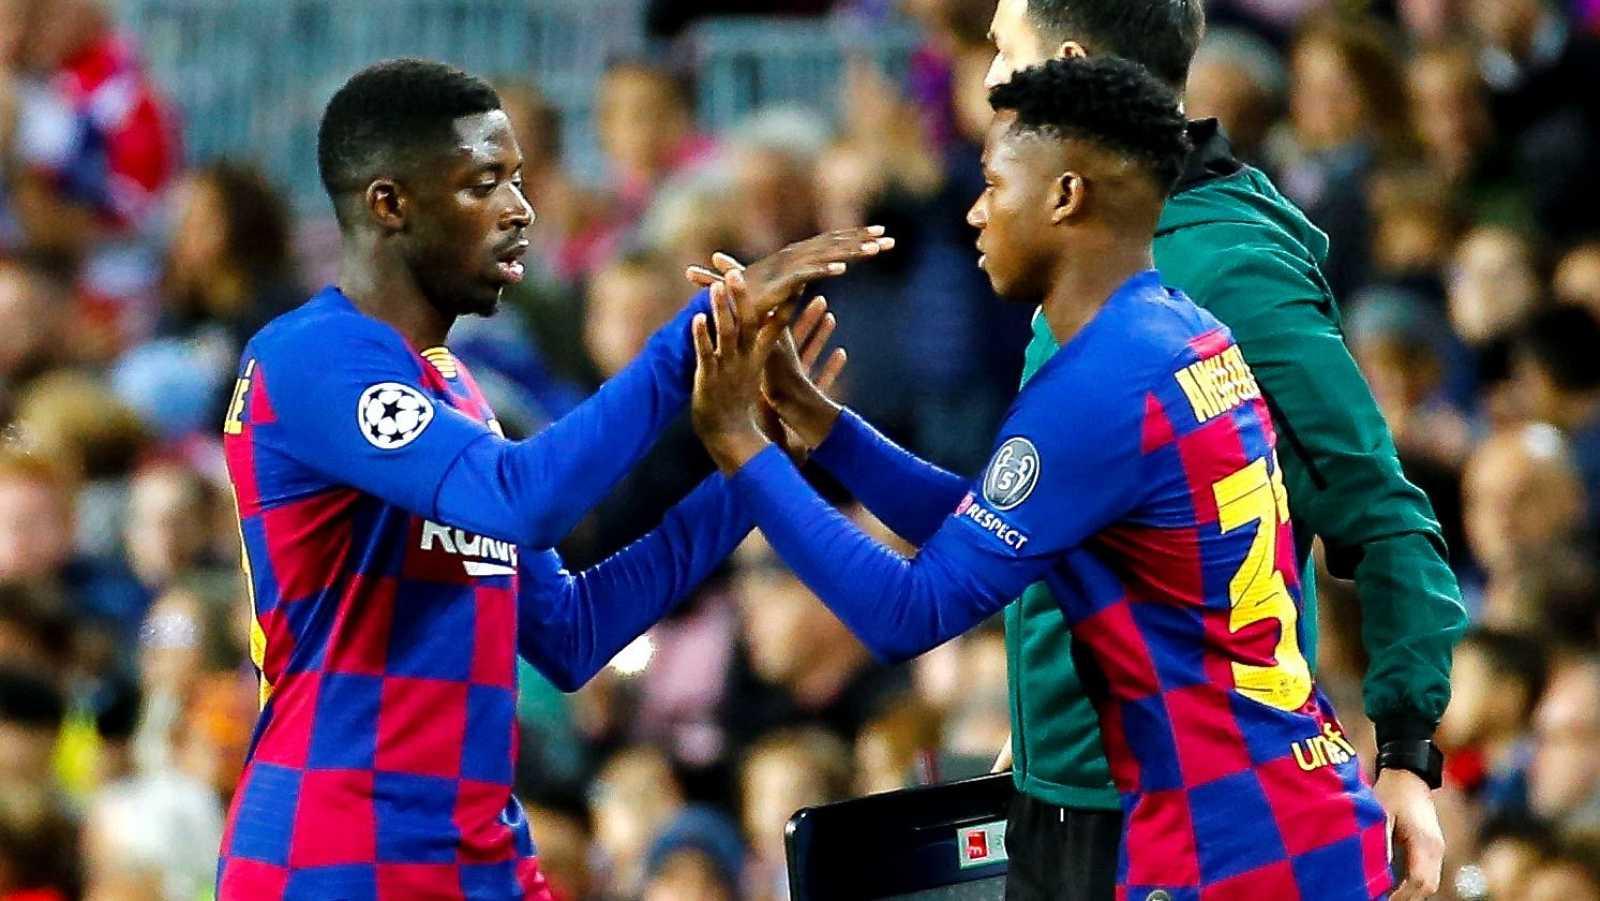 El jugador del FC Barceona, Ousmane Dembélé (i) es sustituido por Ansu Fati (d)